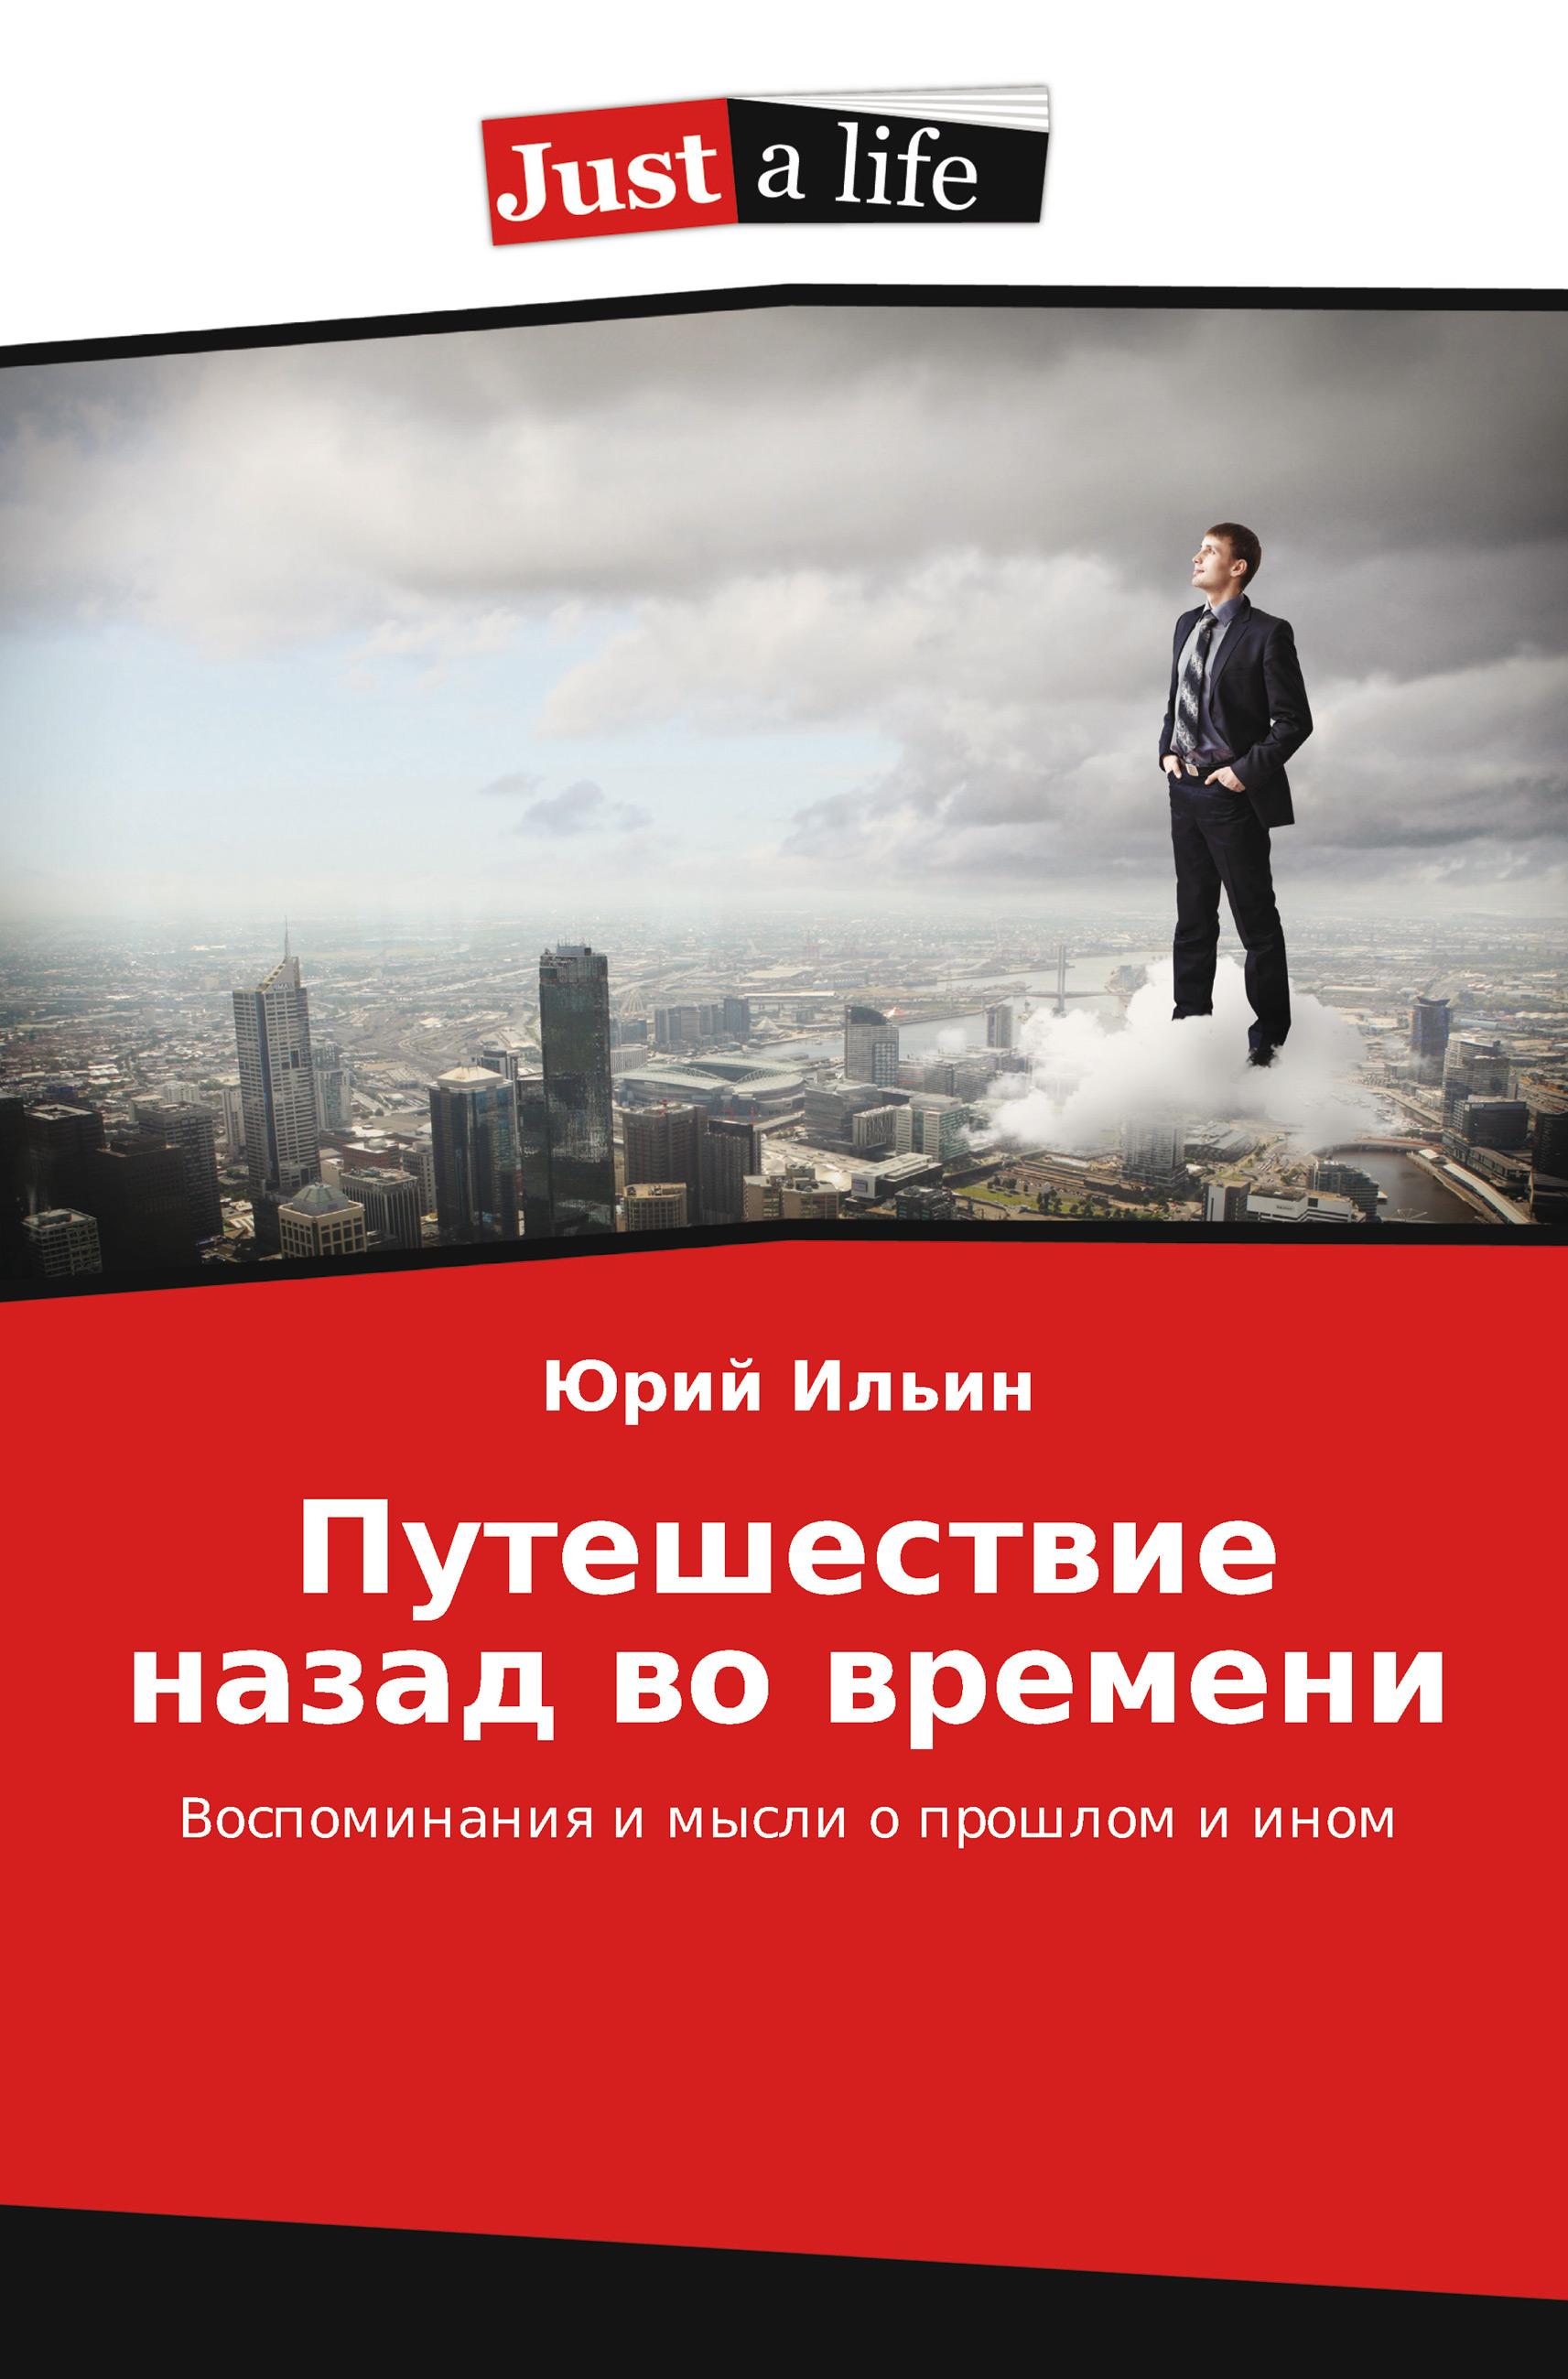 Юрий Ильин Путешестие назад о ремени